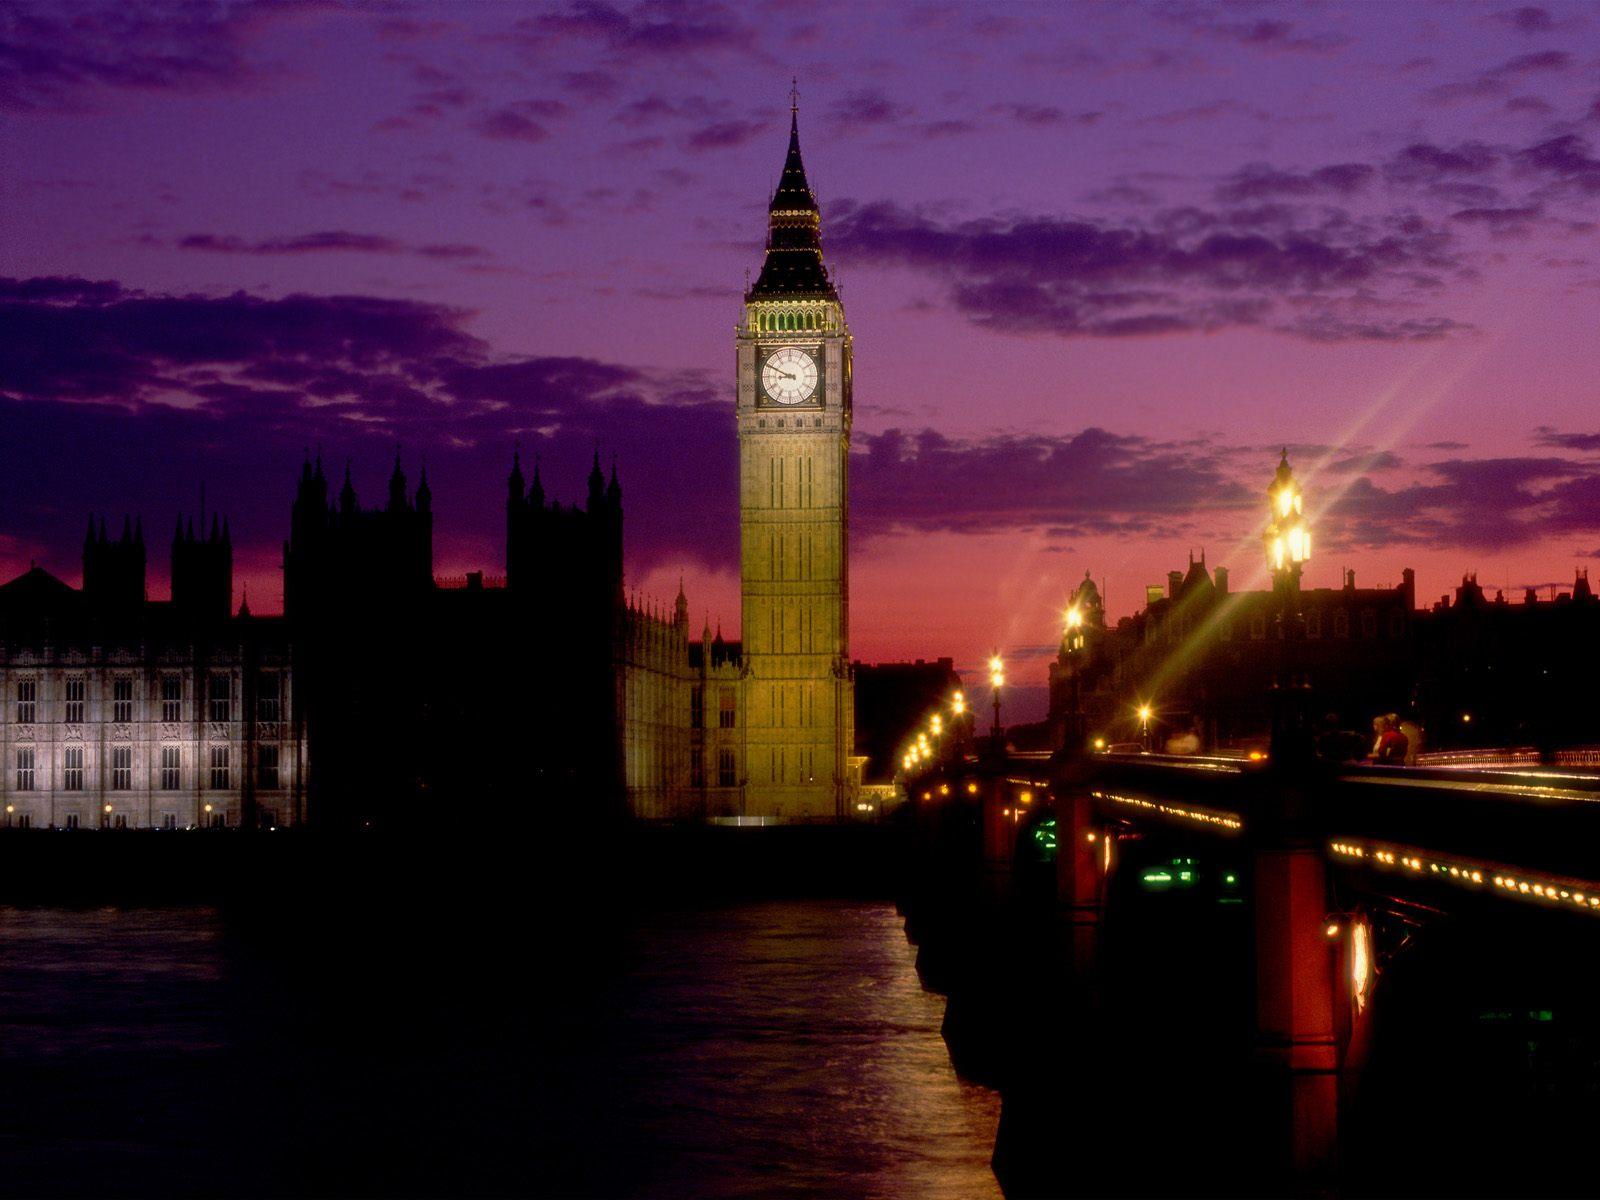 http://2.bp.blogspot.com/_kw1VD16J_Xw/SwfAYtCO_dI/AAAAAAAACis/gFtt5netmS0/s1600/Big+Ben+at+Dusk,+London,+England.jpg